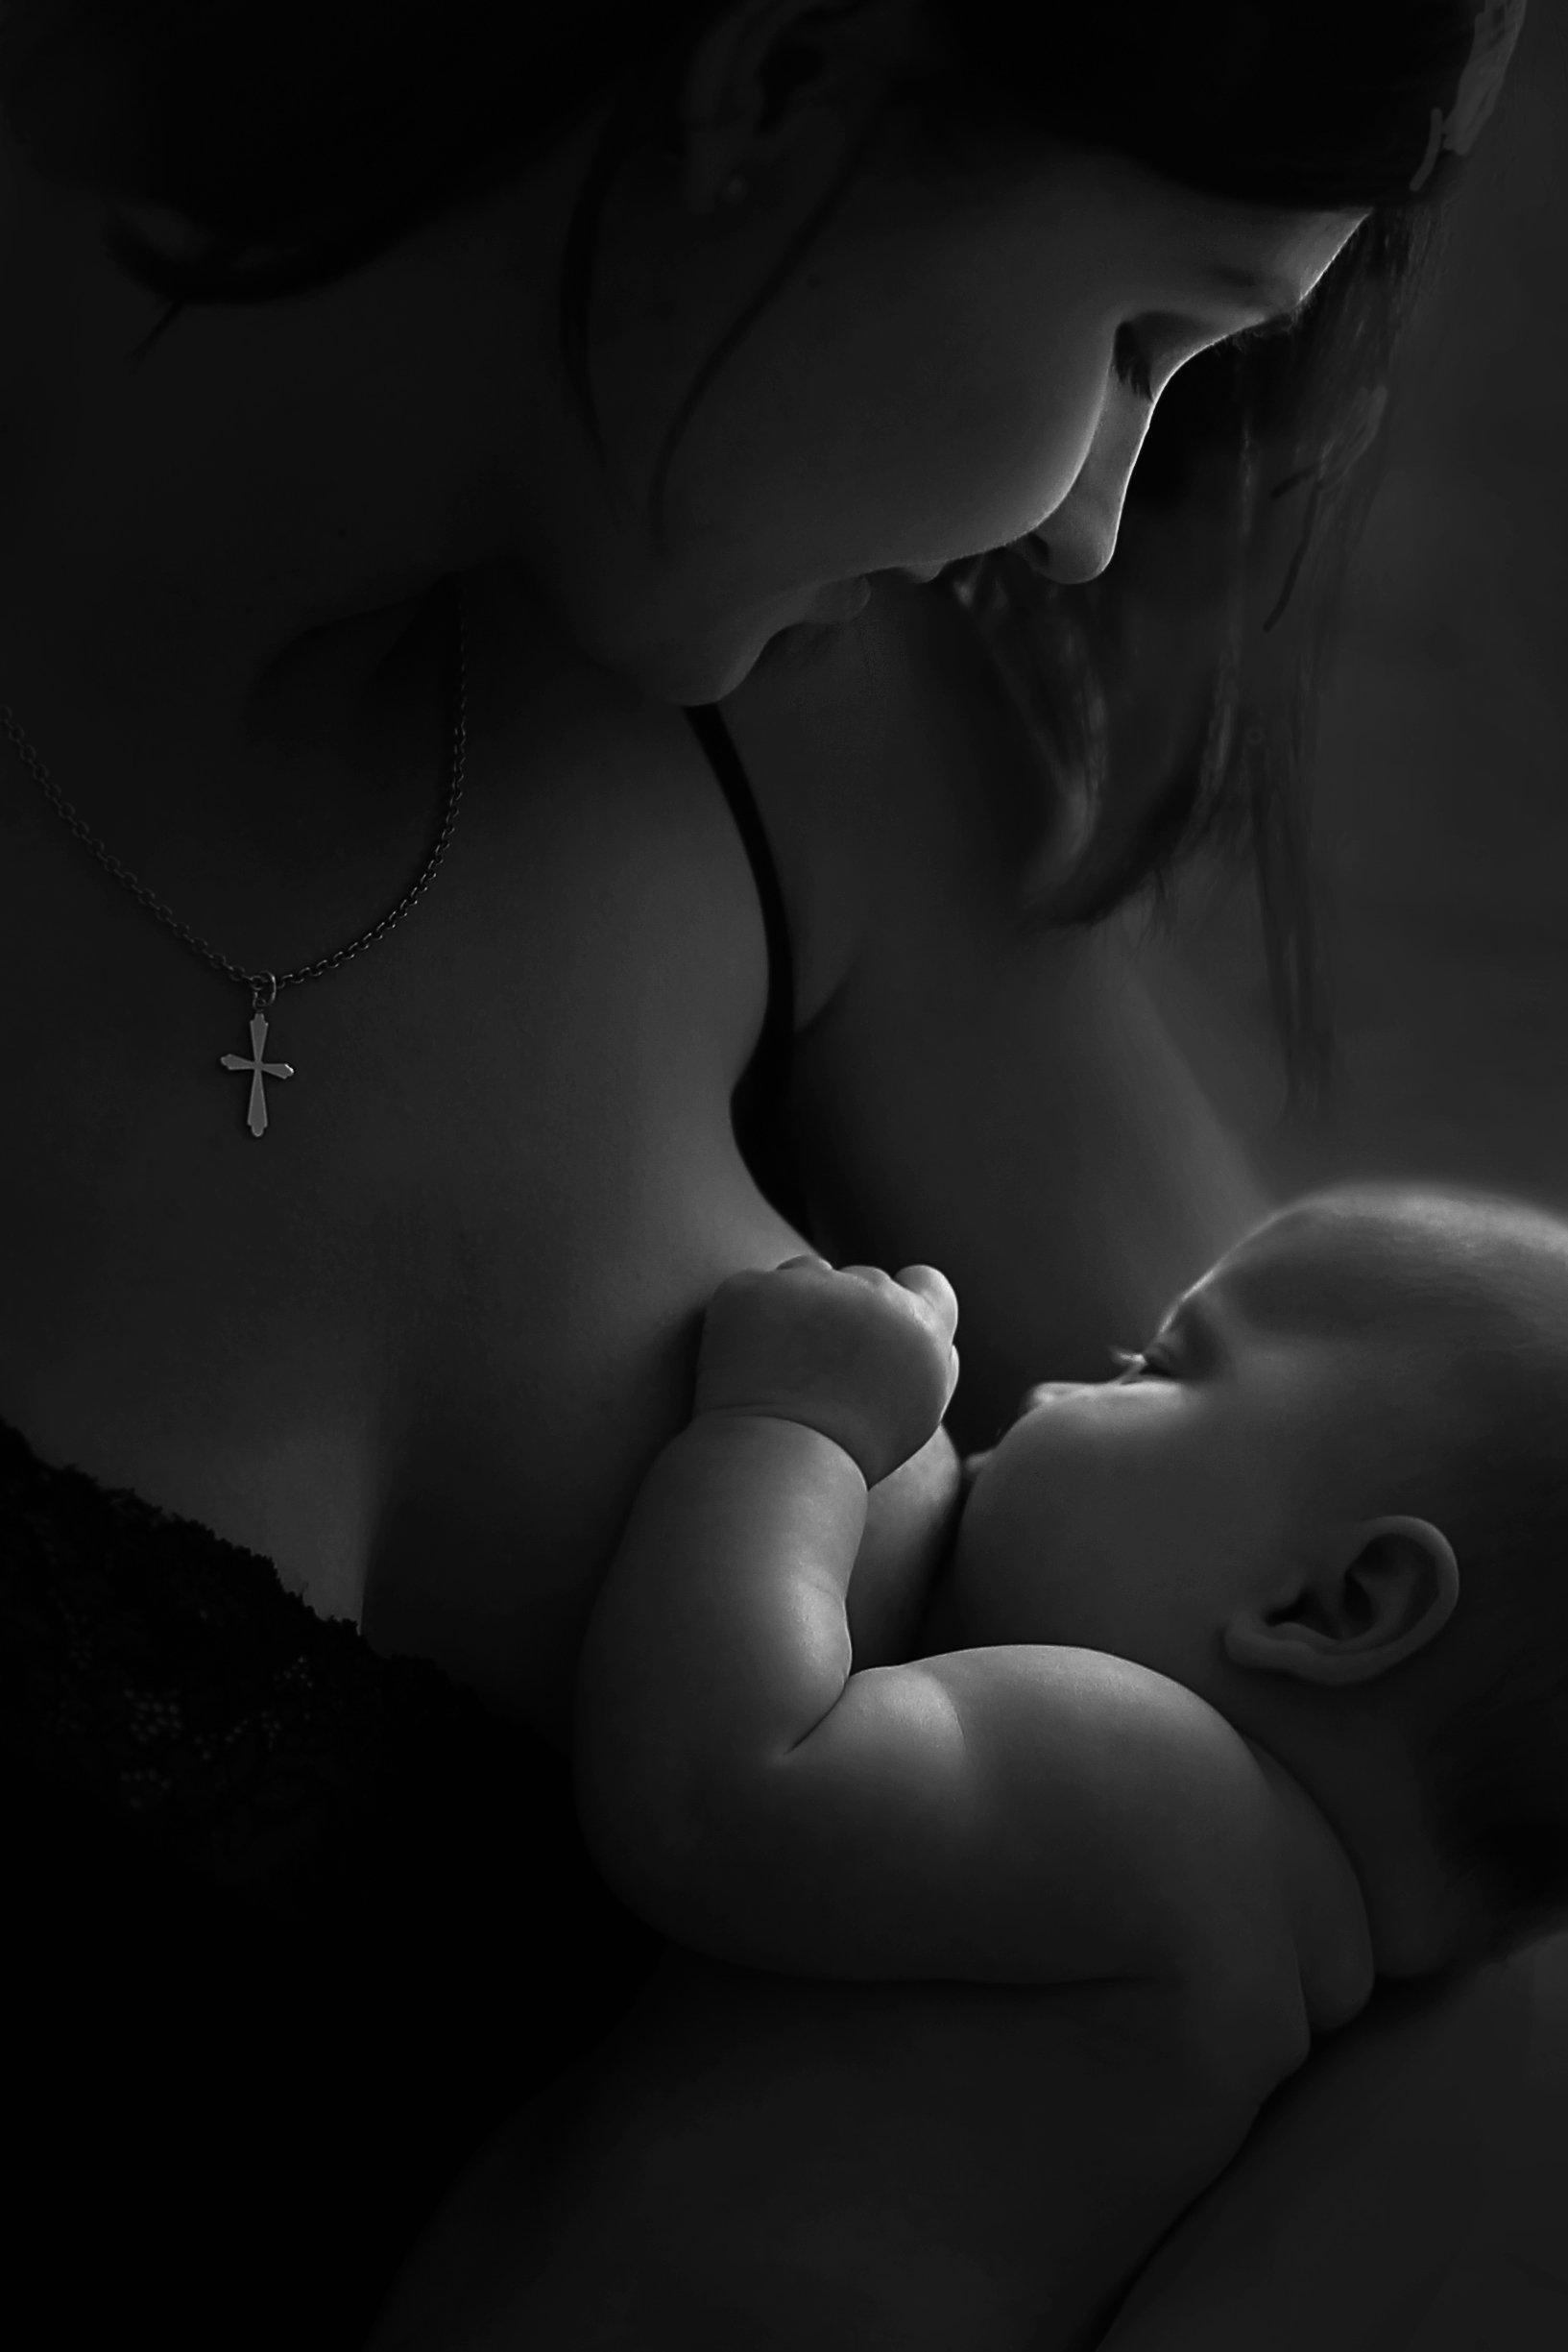 материнство, мама, новорожденный, кормлениегрудью, малышка, единение, Высоцкая Полина